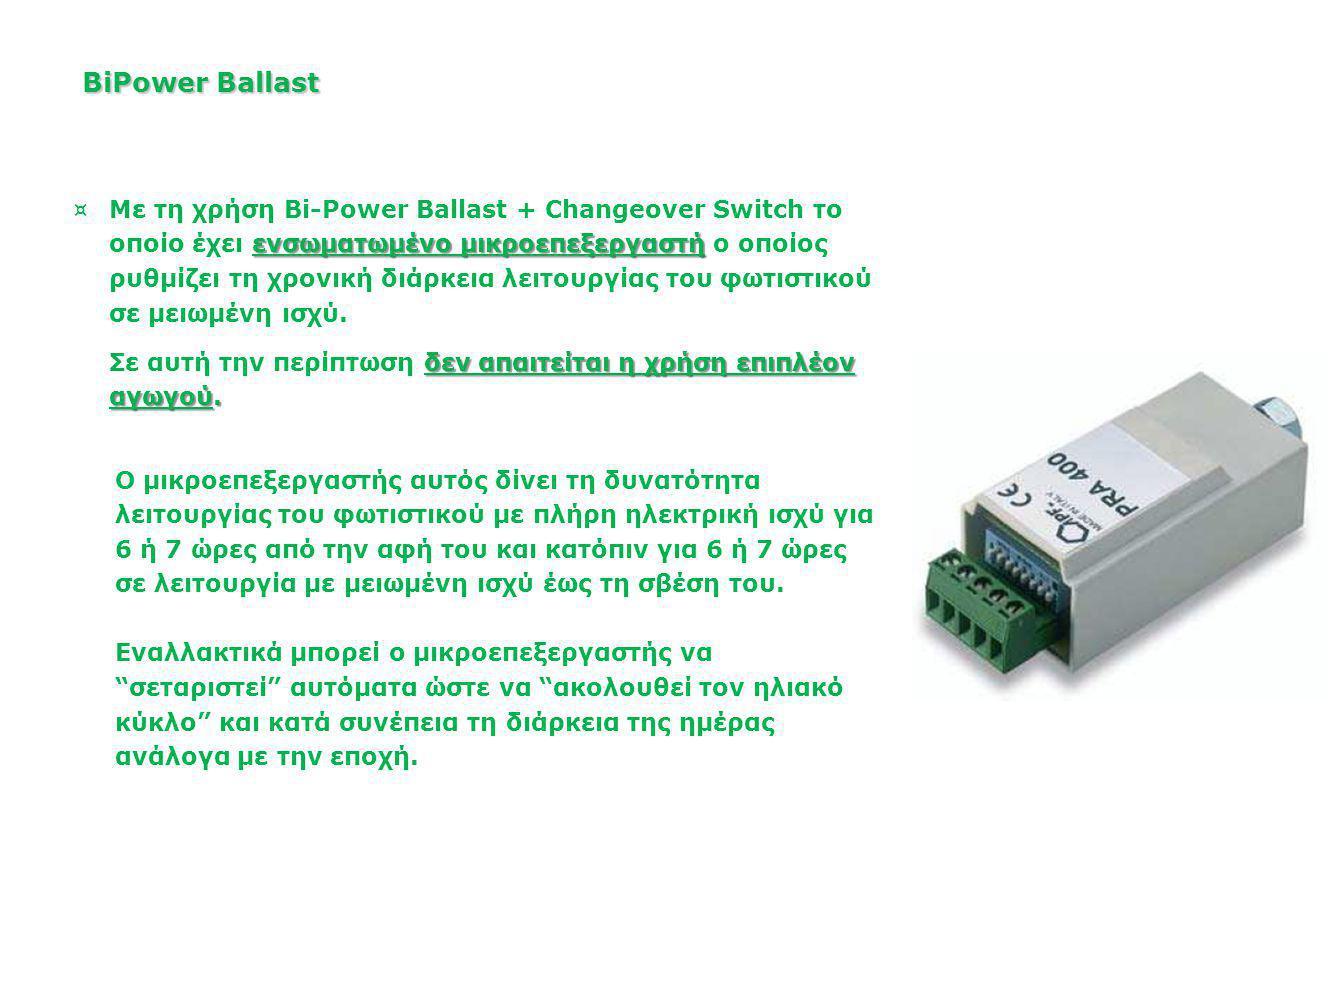 BiPower Ballast